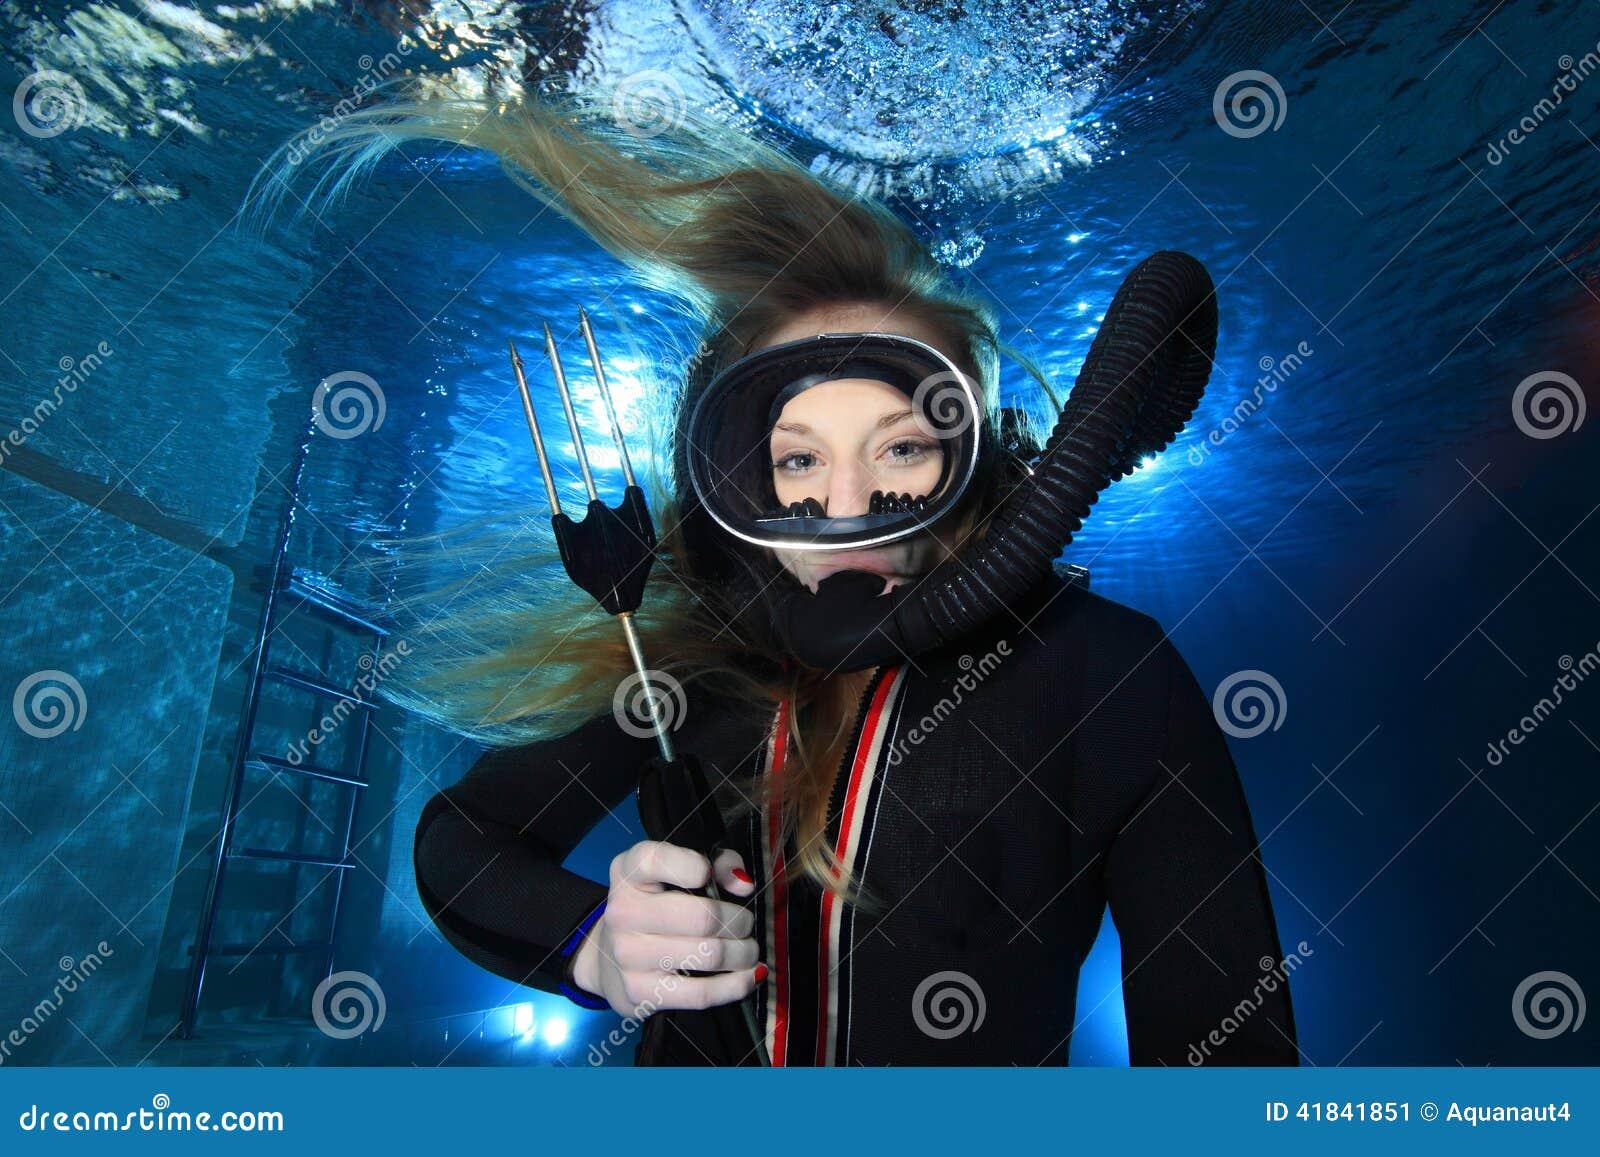 Whom underwater vintage woman have missed